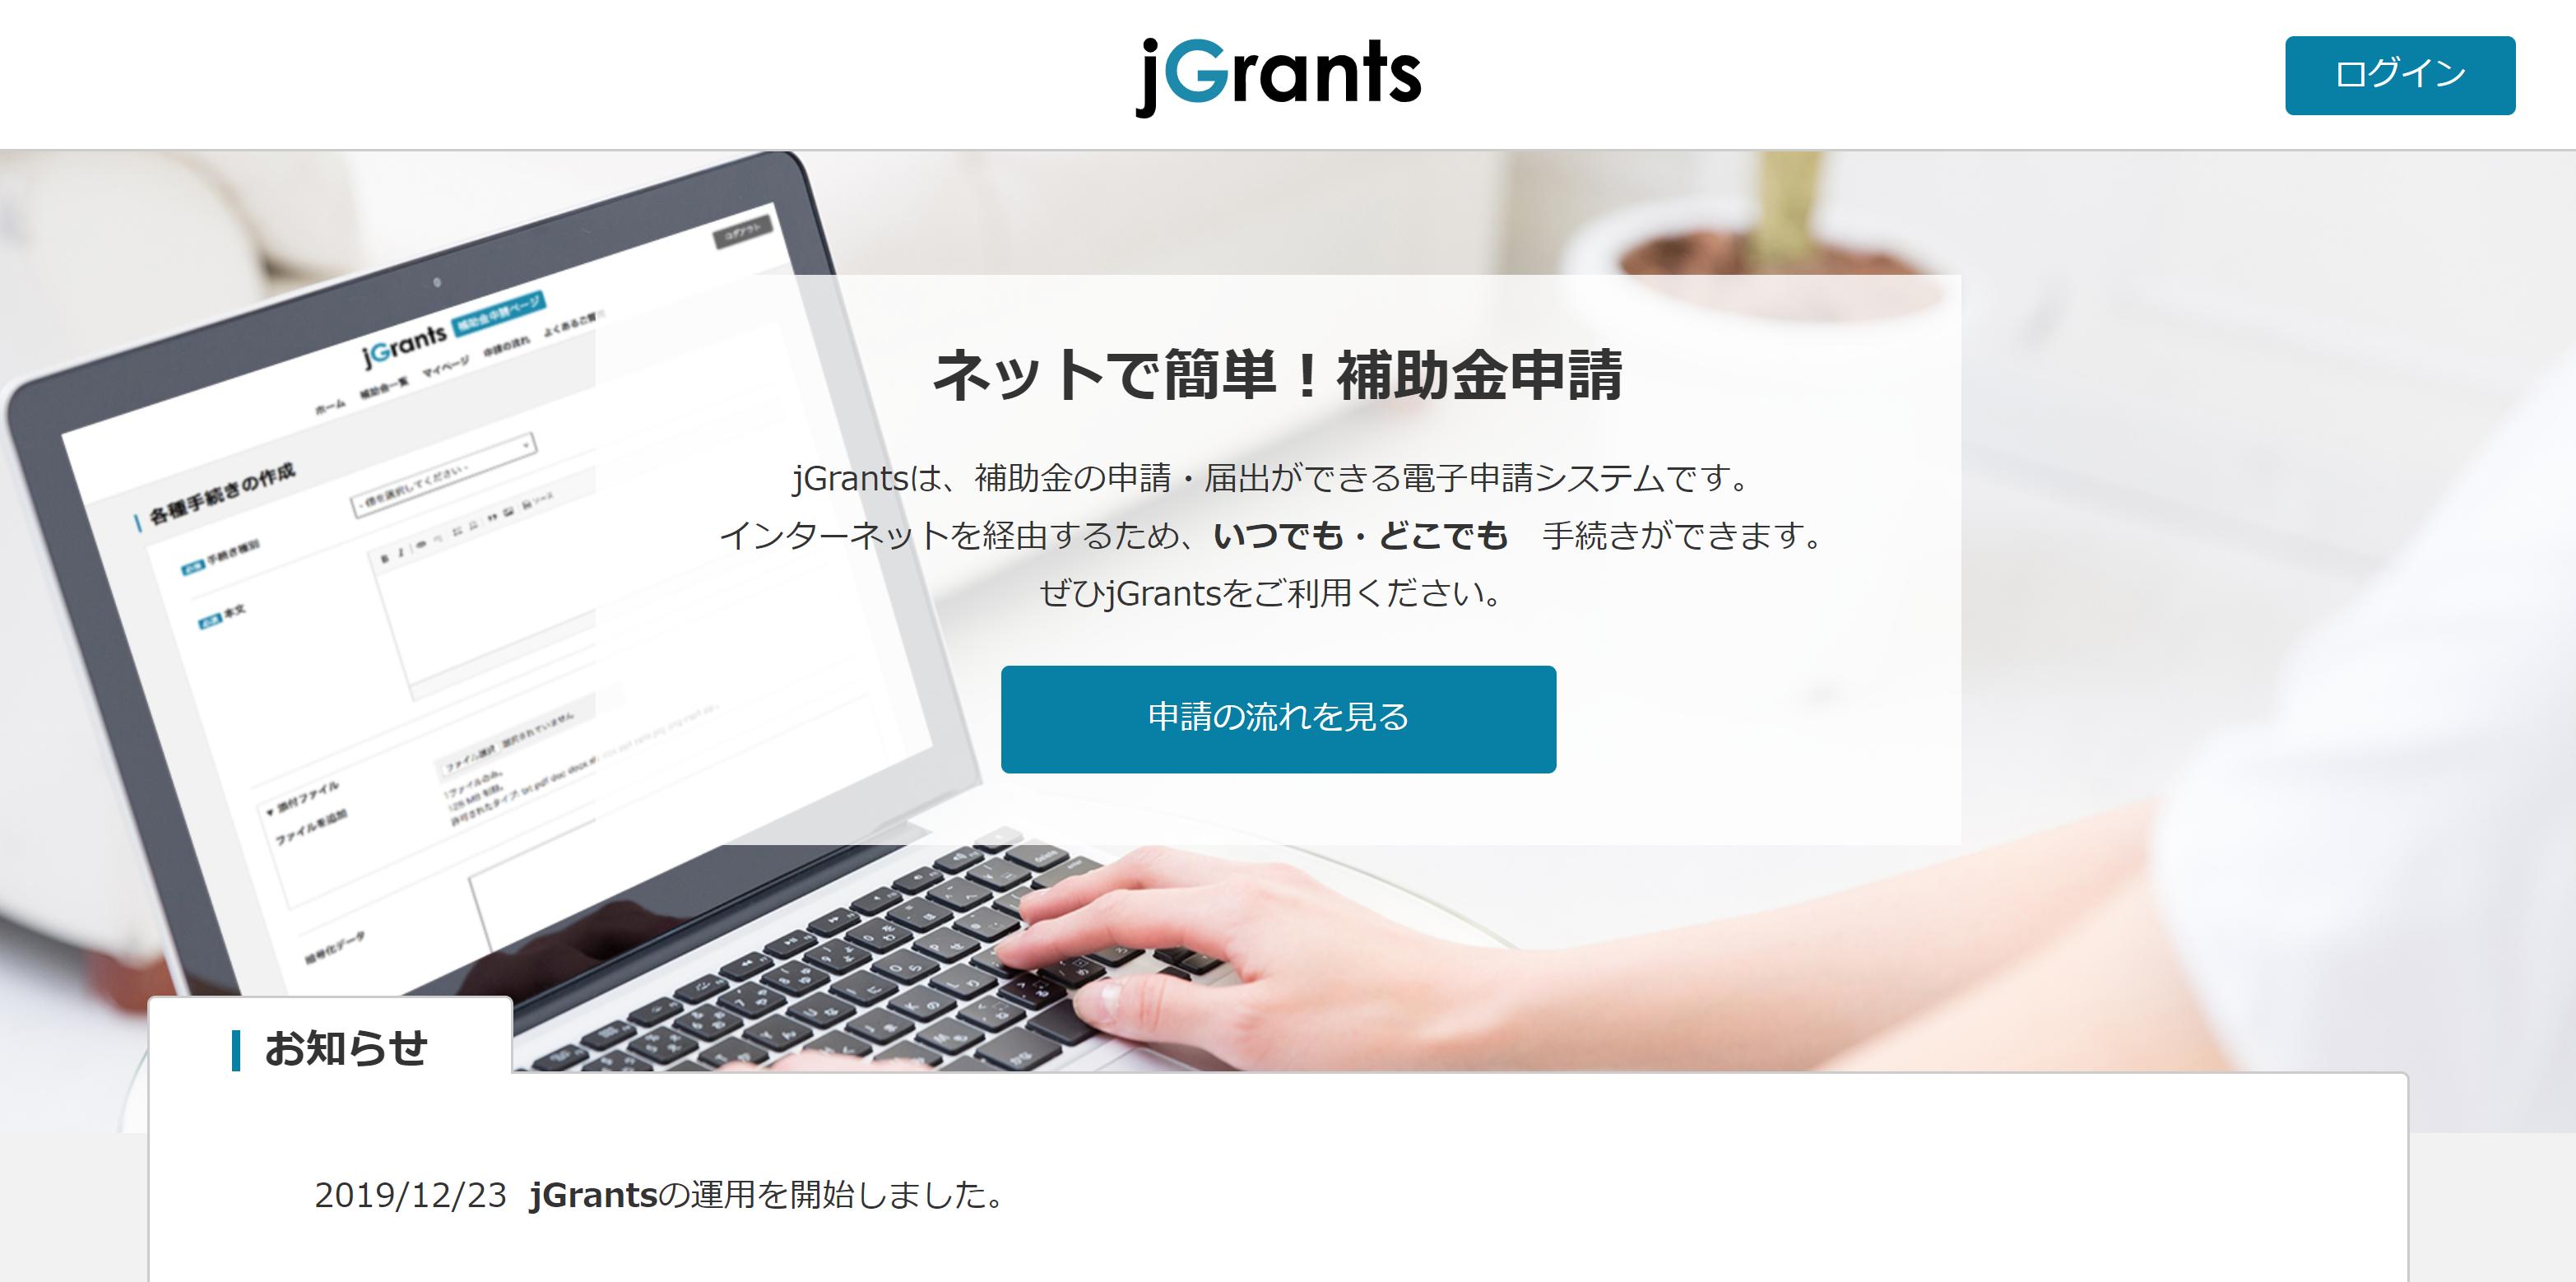 2020年から補助金の電子申請システム「Jグランツ」が導入されます